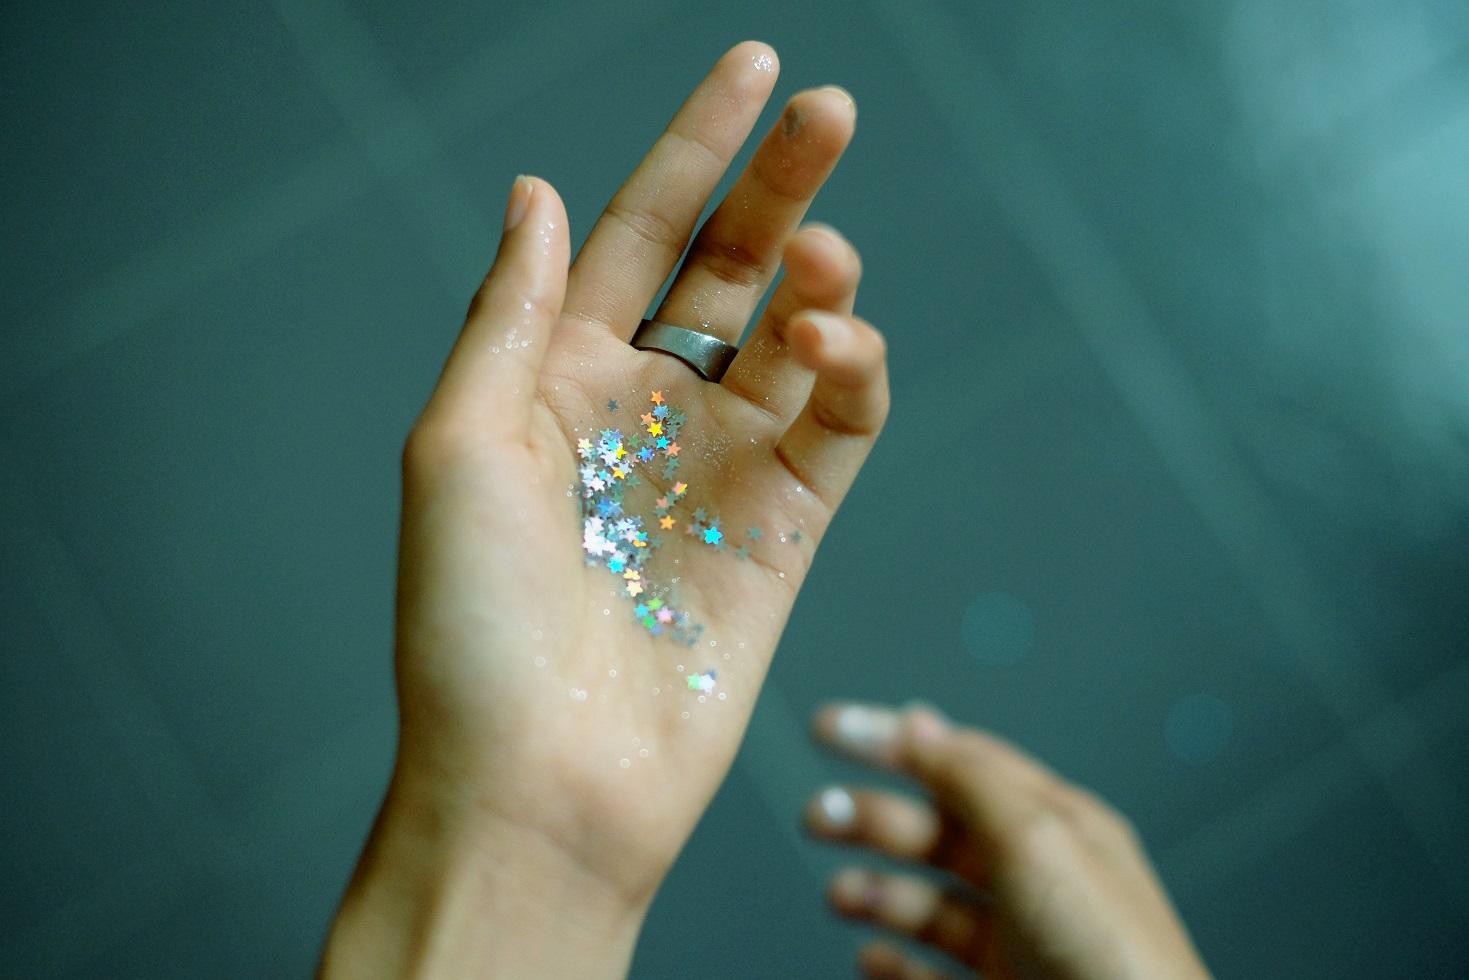 手の中の光を決して離してはいけない!